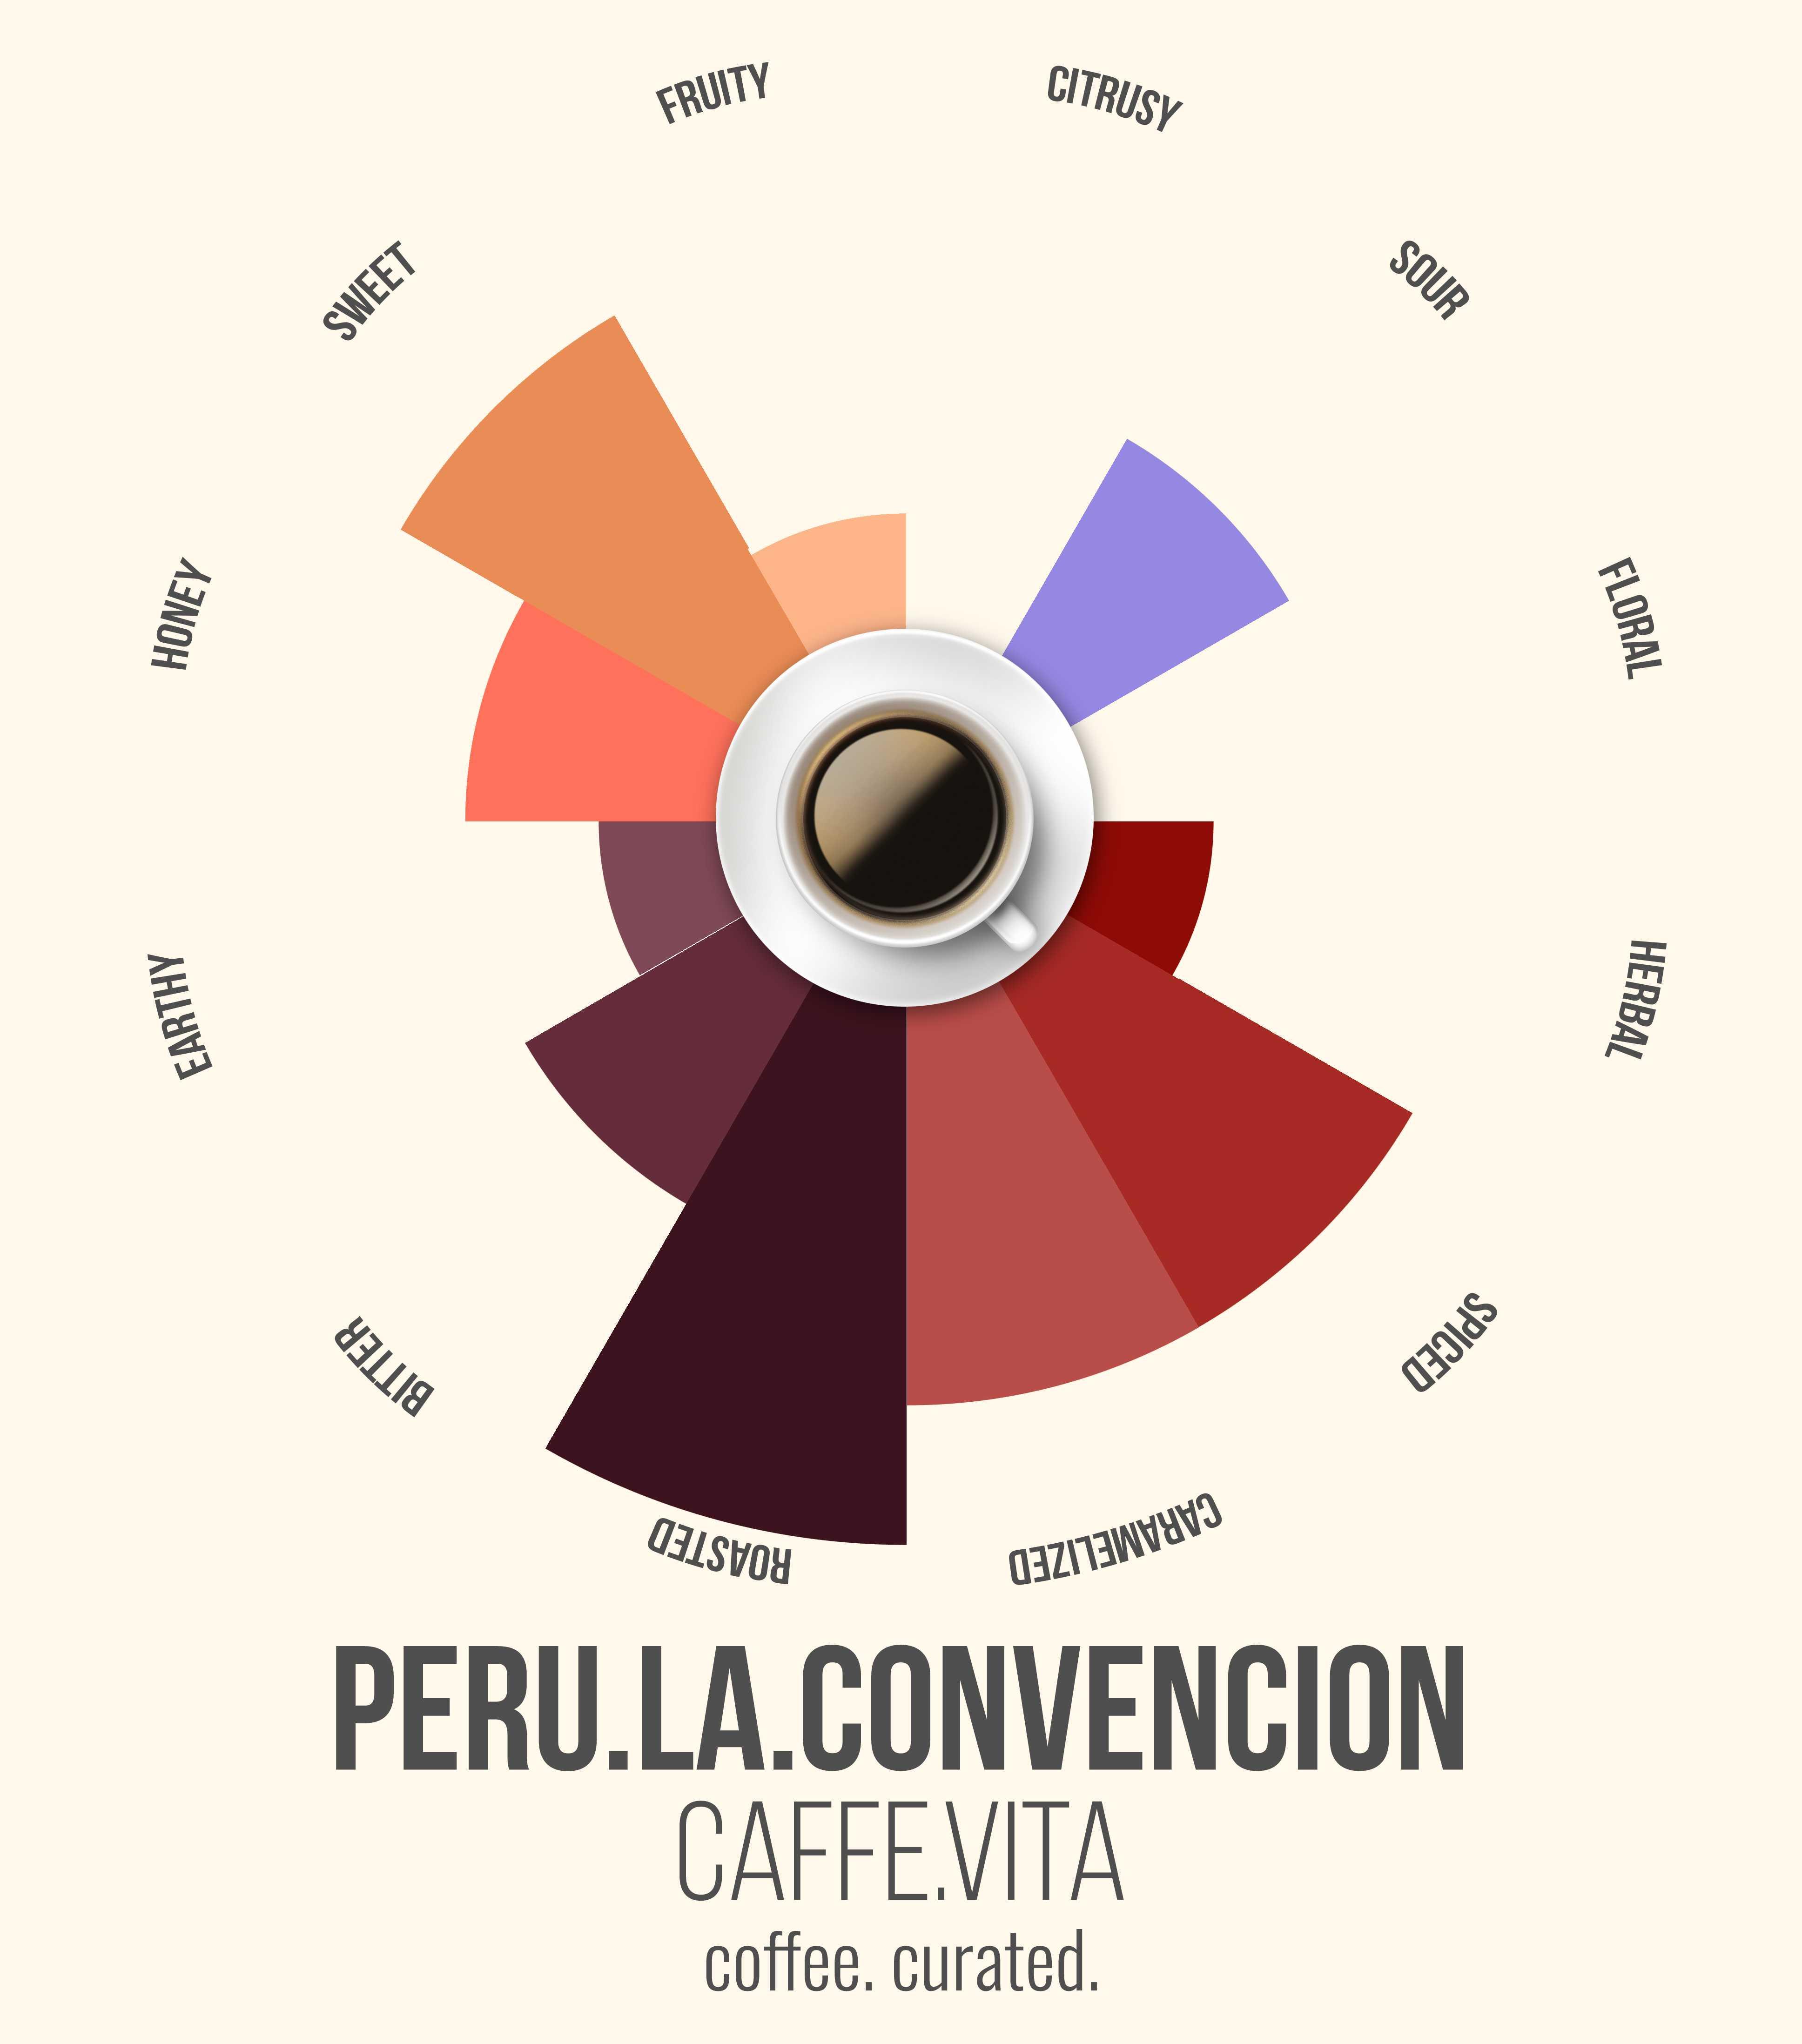 Caffe Vita Peru La Convenciòn